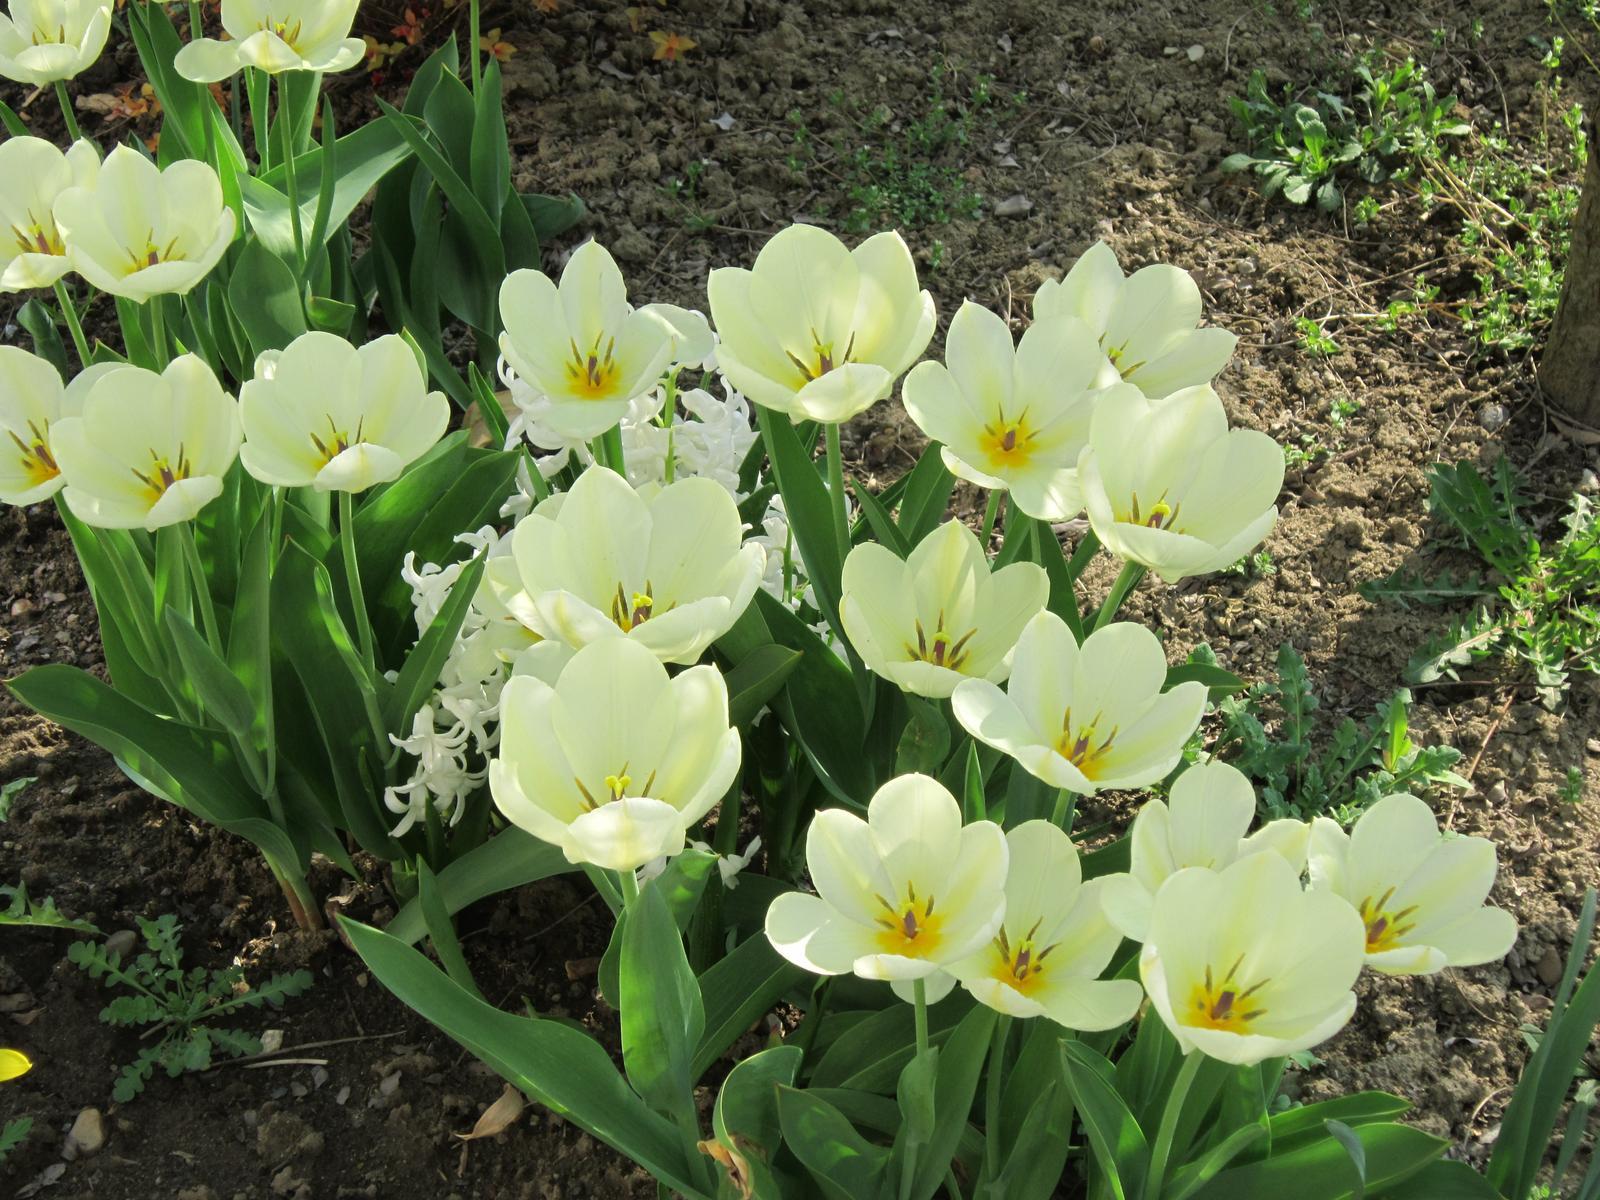 Pozvanie do našej jarnej záhrady - Biele tulipány u nás kvitnú vždy prvé...každý rok sa na ne teším